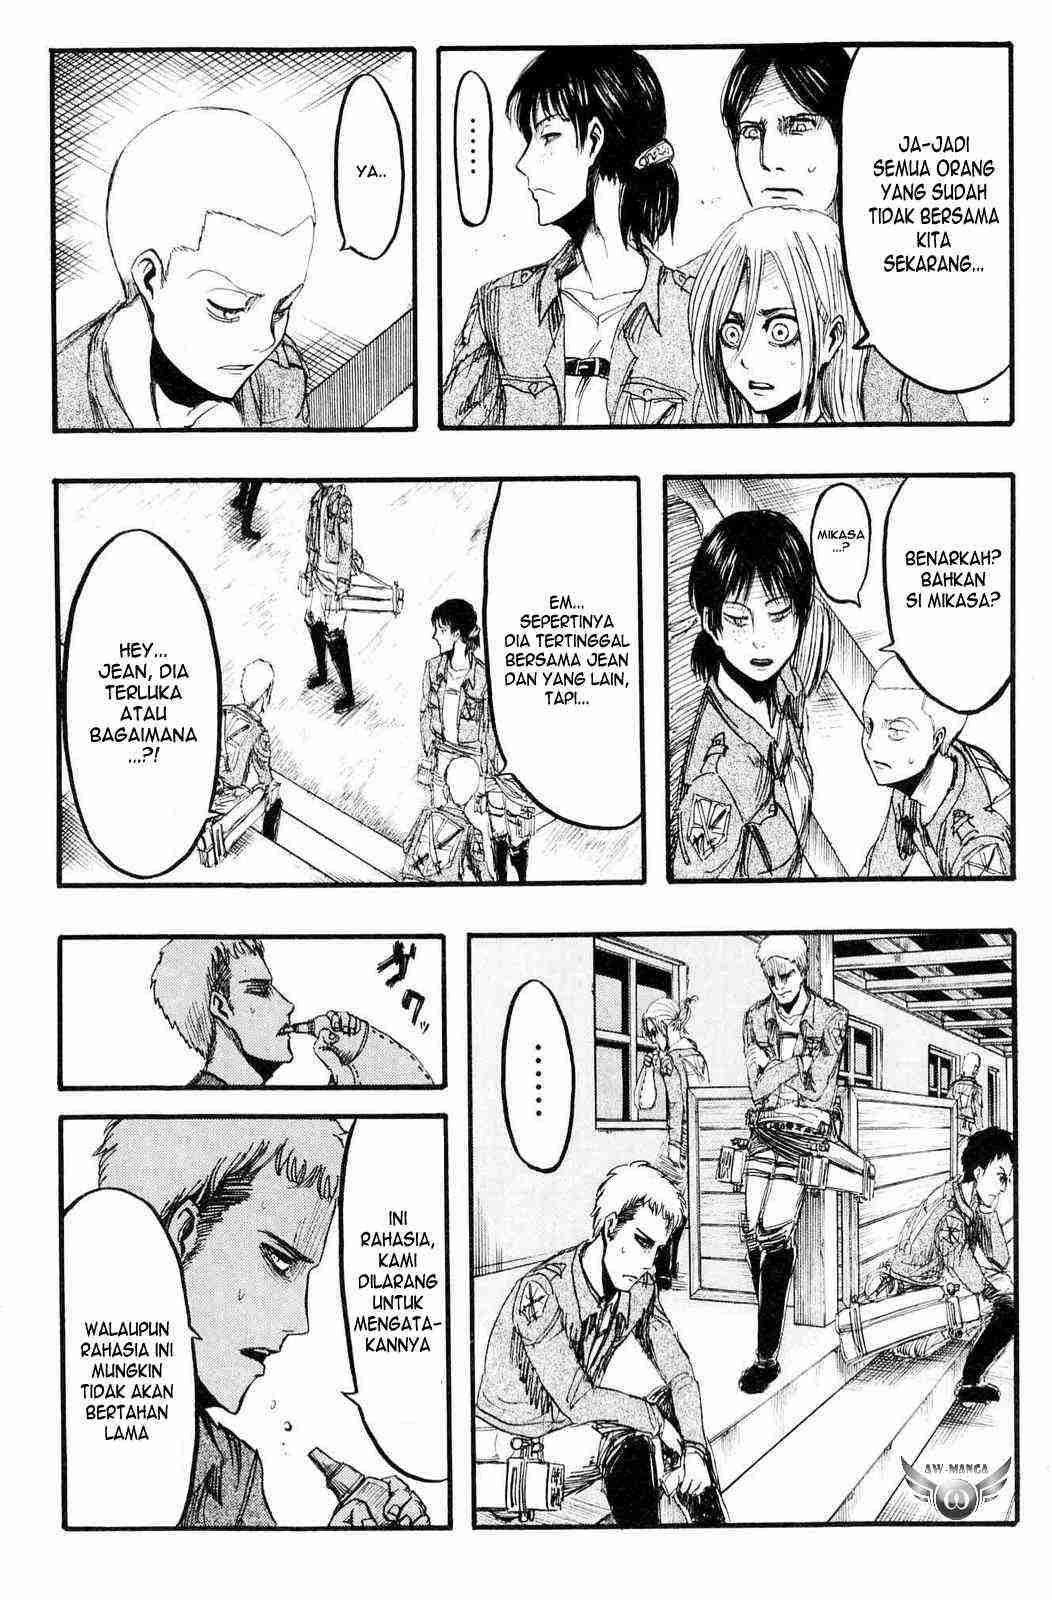 Komik shingeki no kyojin 011 12 Indonesia shingeki no kyojin 011 Terbaru 7|Baca Manga Komik Indonesia|